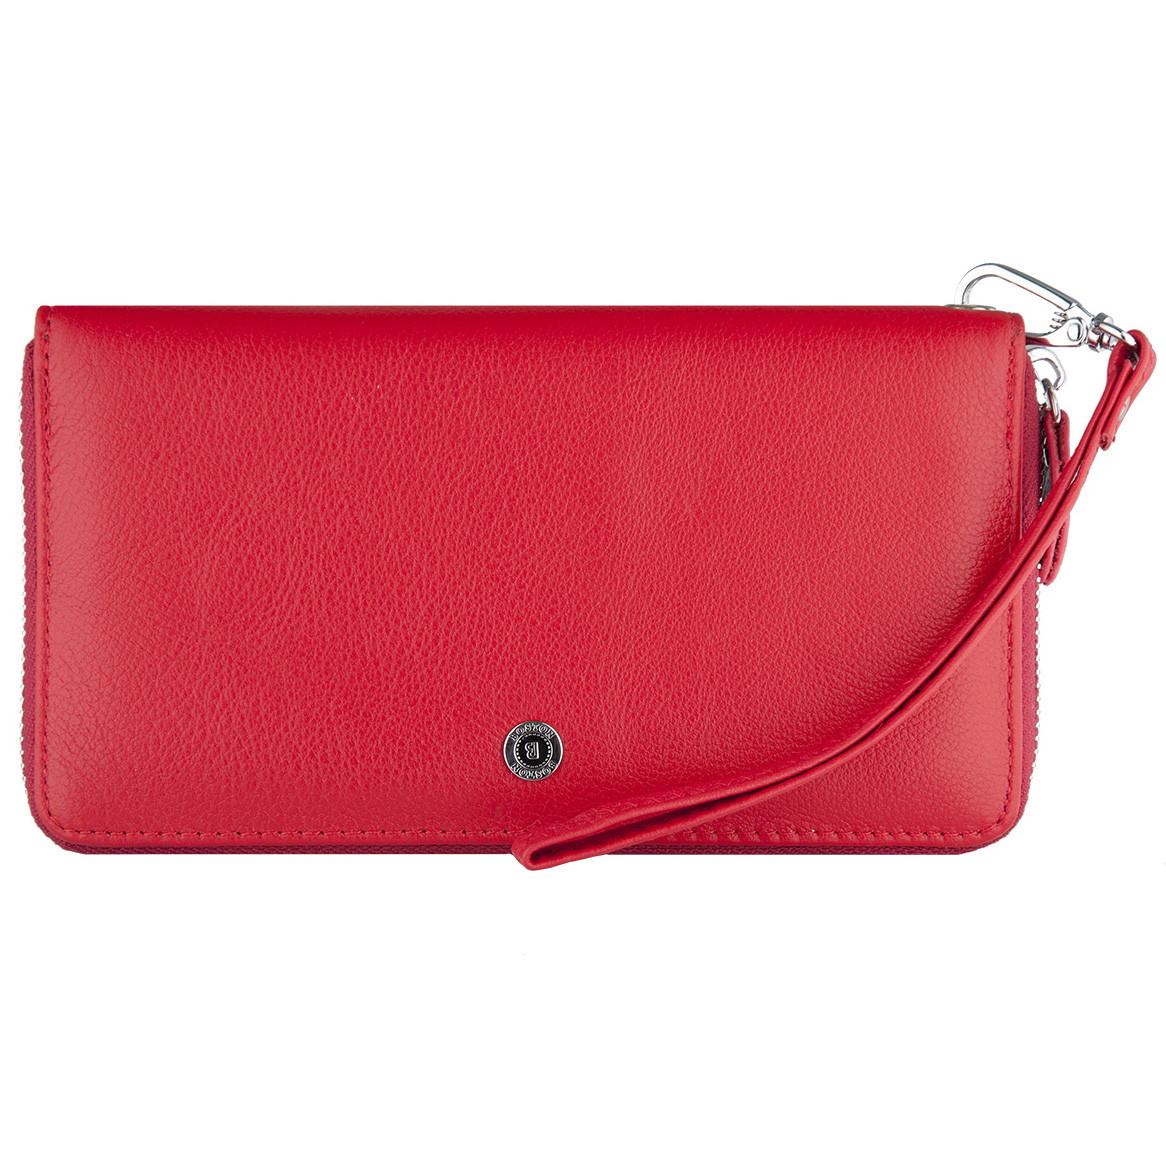 738079721e7c Кошелек женский кожаный Boston 272 Red - HANDY COVER в Киевской области